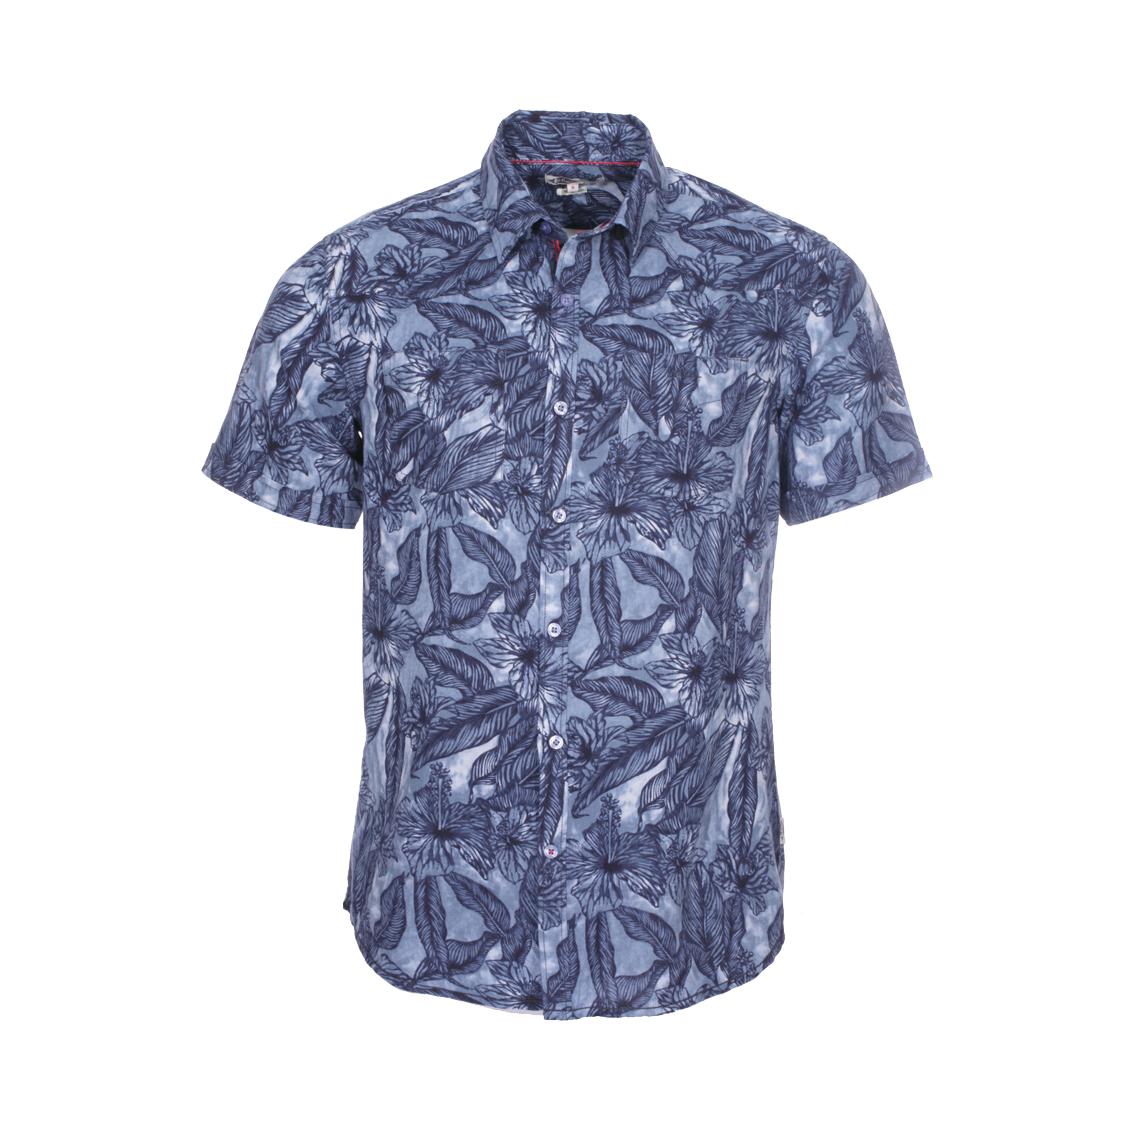 Chemise ajustée manches courtes Lee Cooper Dany en coton et lin bleus à imprimés tropicaux bleu marine